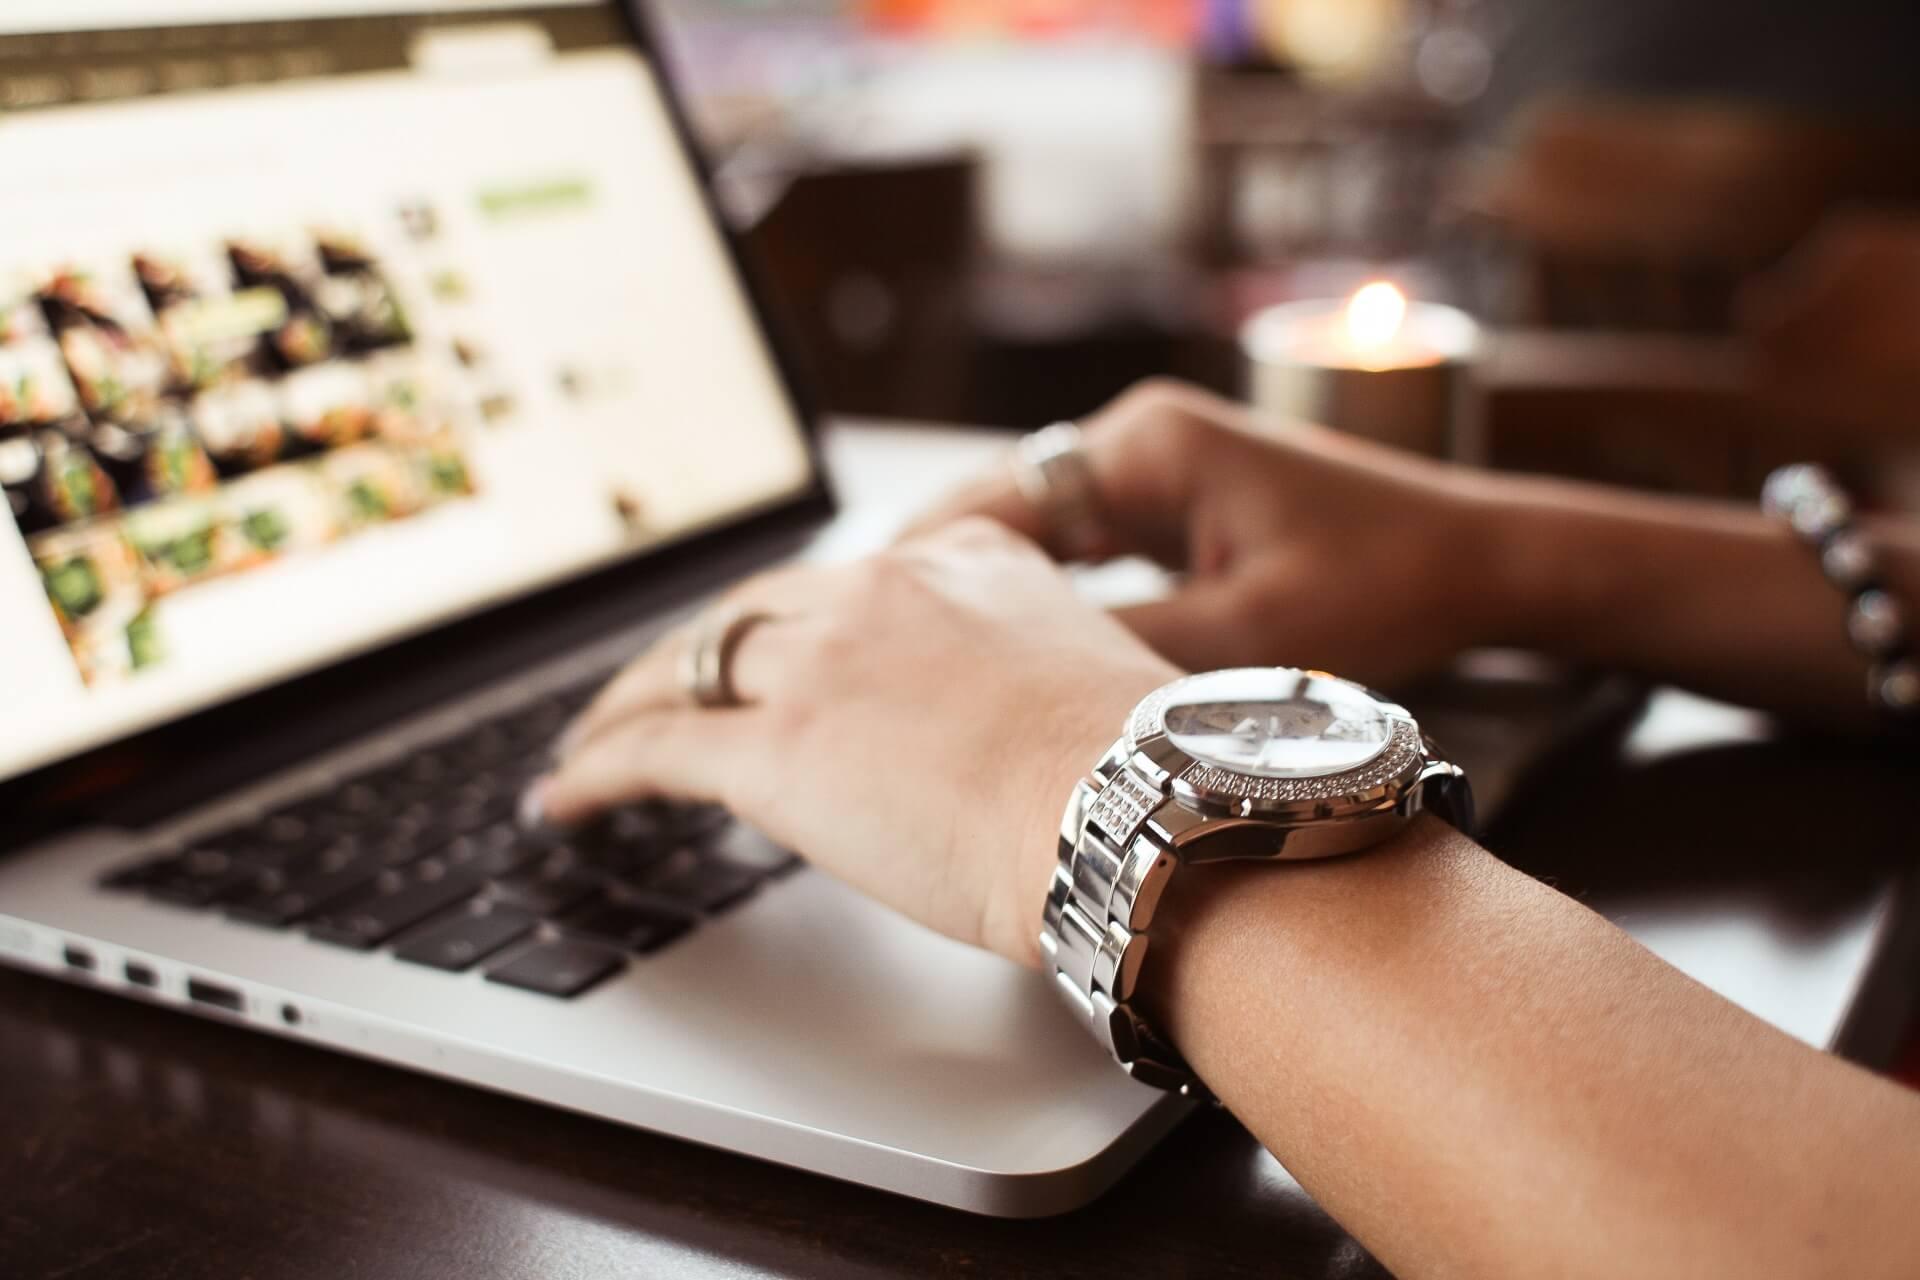 金属製の腕時計をする女性